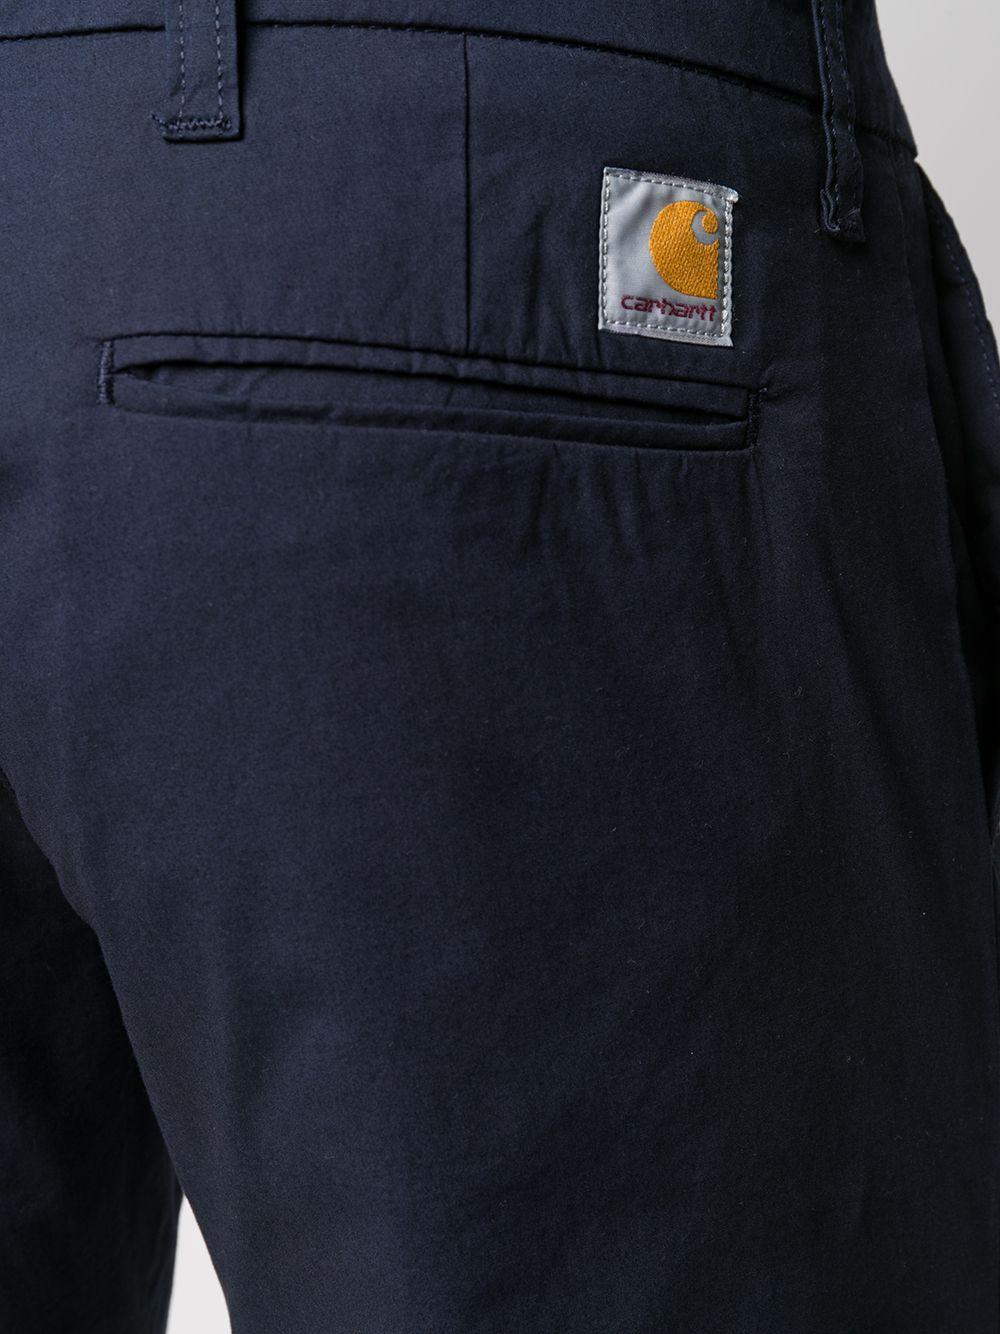 Carhartt sid pant uomo CARHARTT WIP | Pantaloni | I027955.321C.02